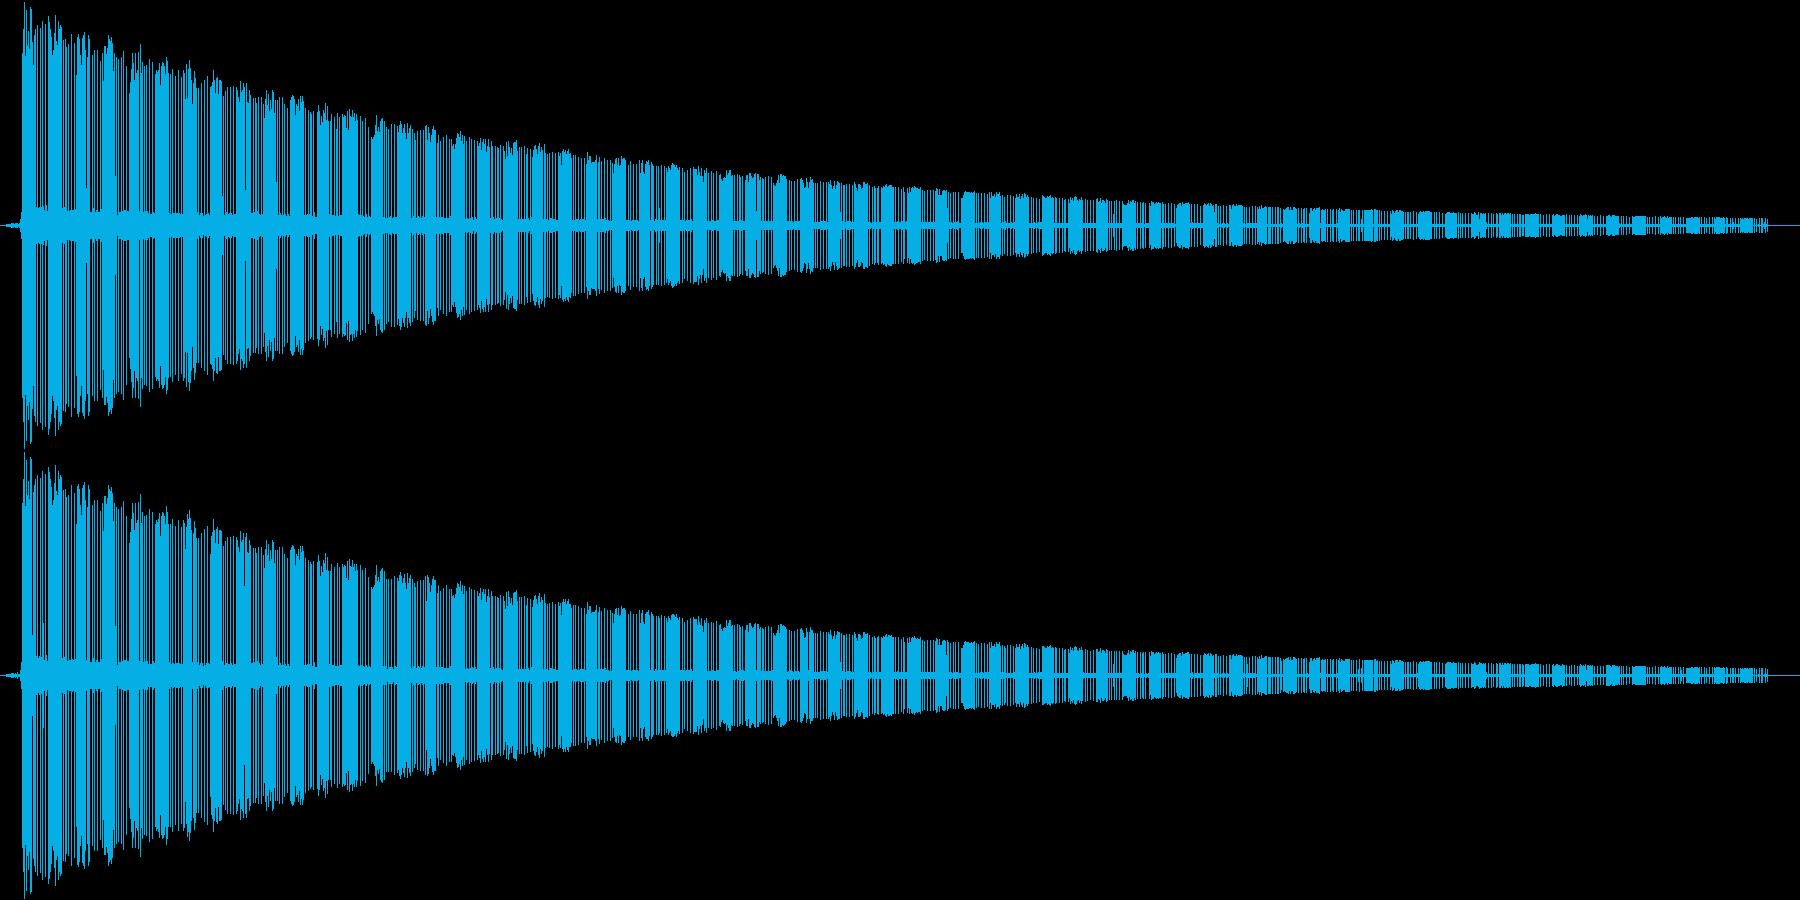 ヂューーーーーーーーーーン です。の再生済みの波形